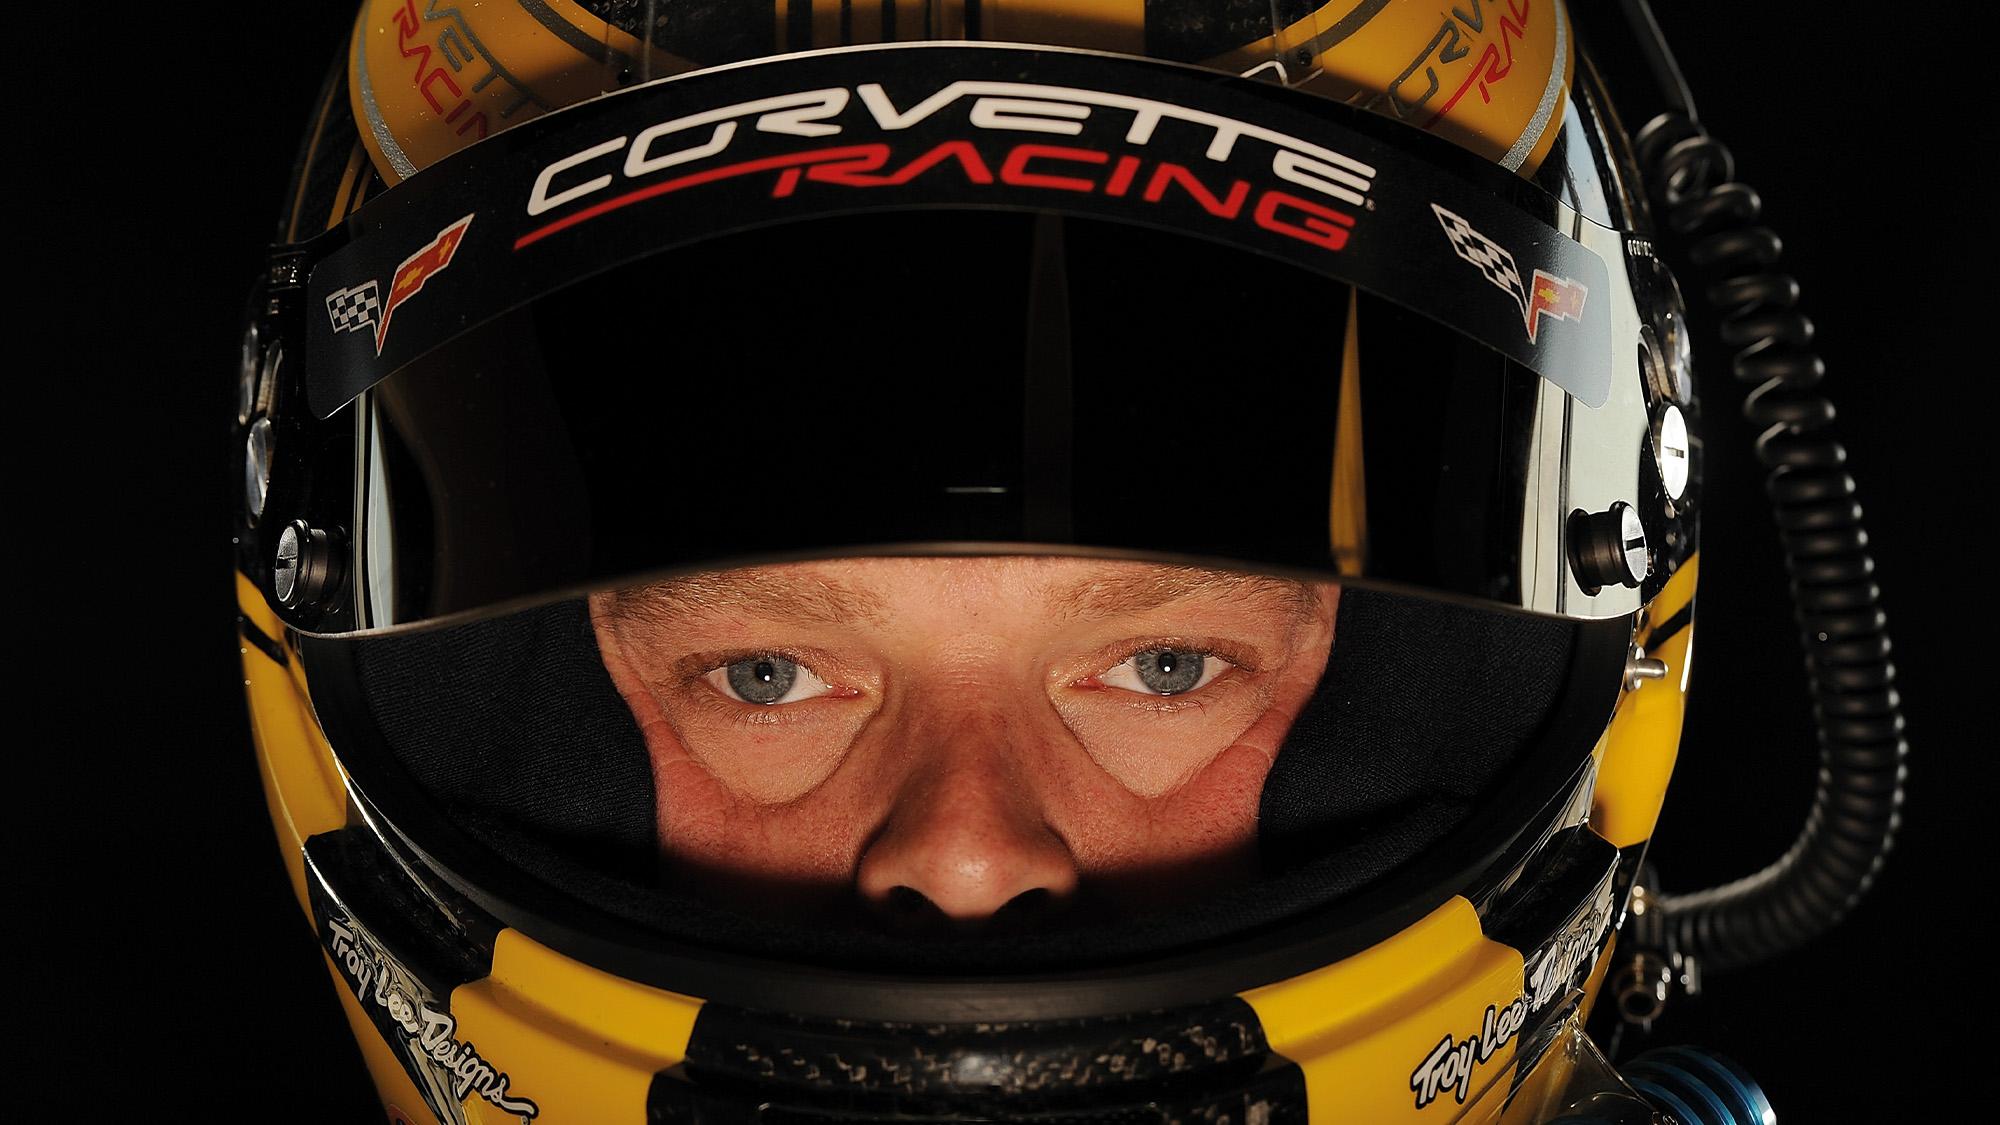 Eyes of Jan Magnussen inside his crash helmet